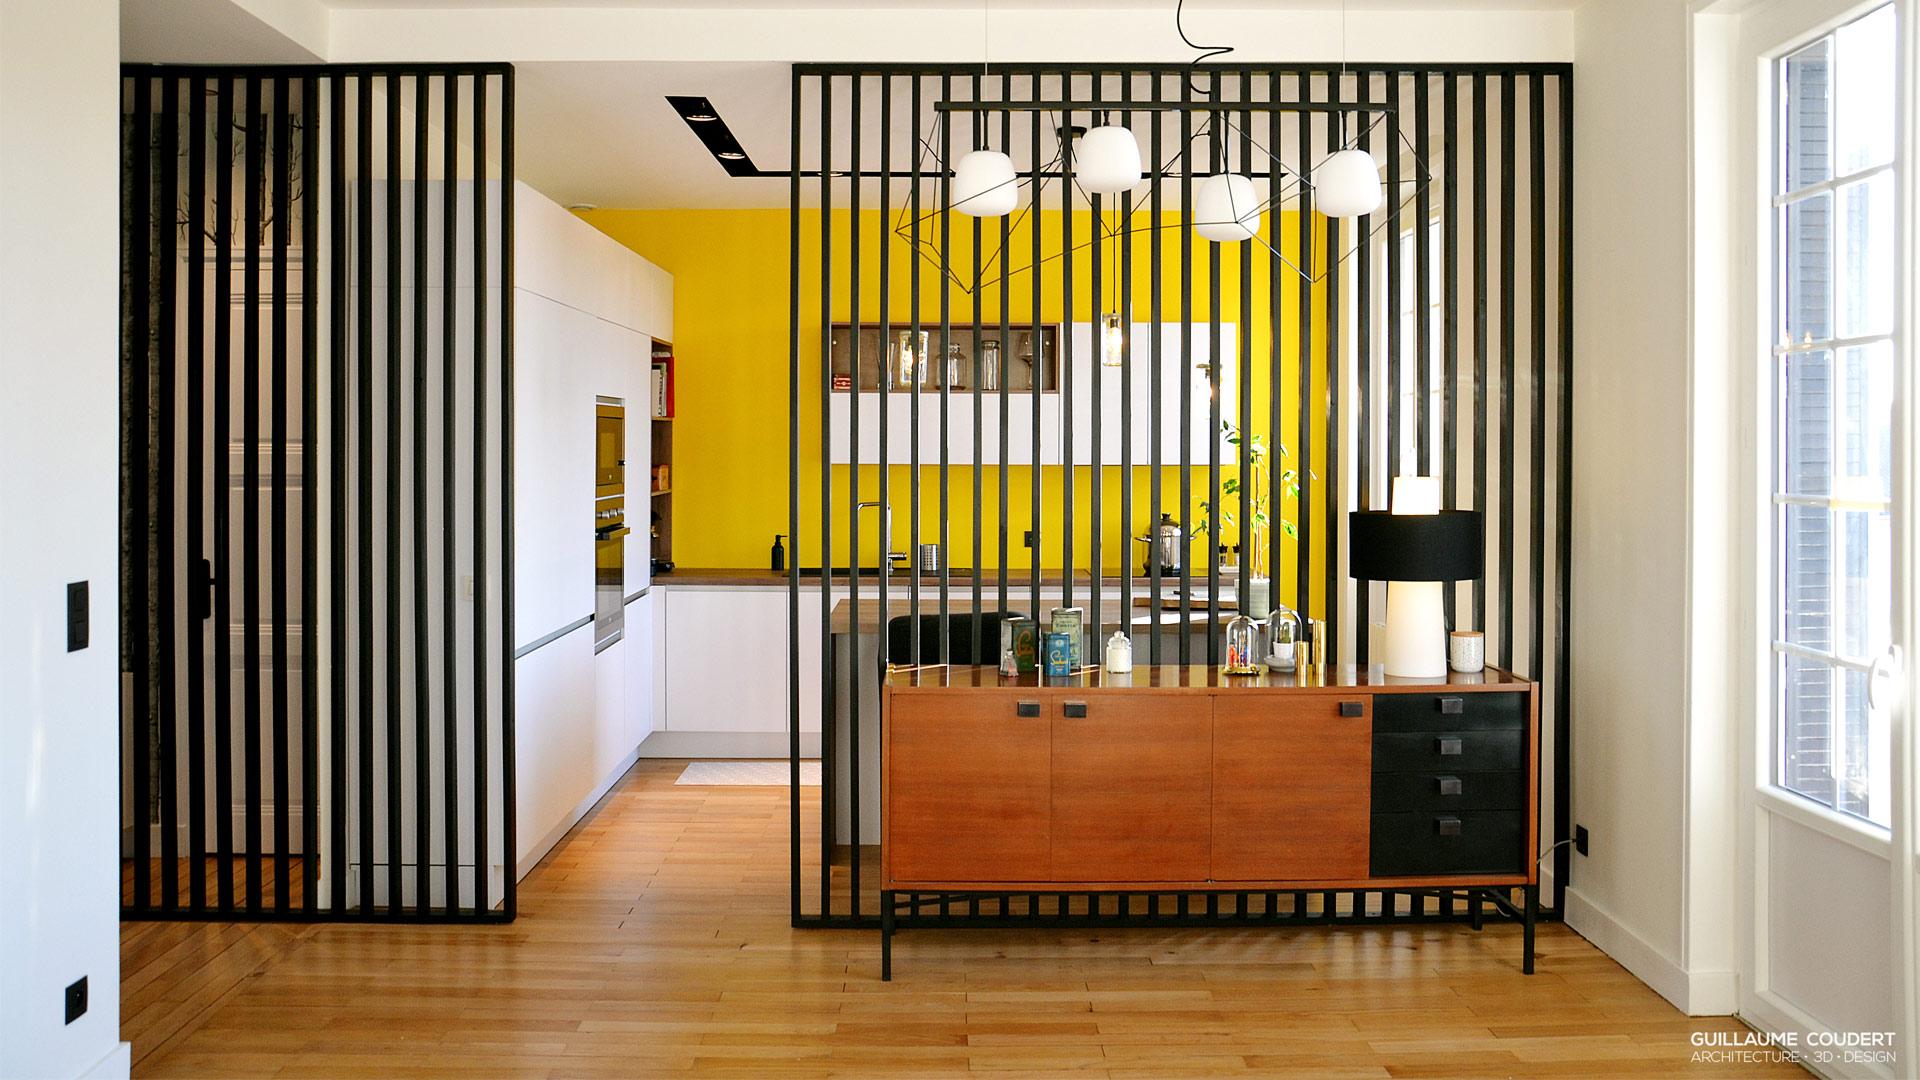 cuisine claustra design architecte interieur